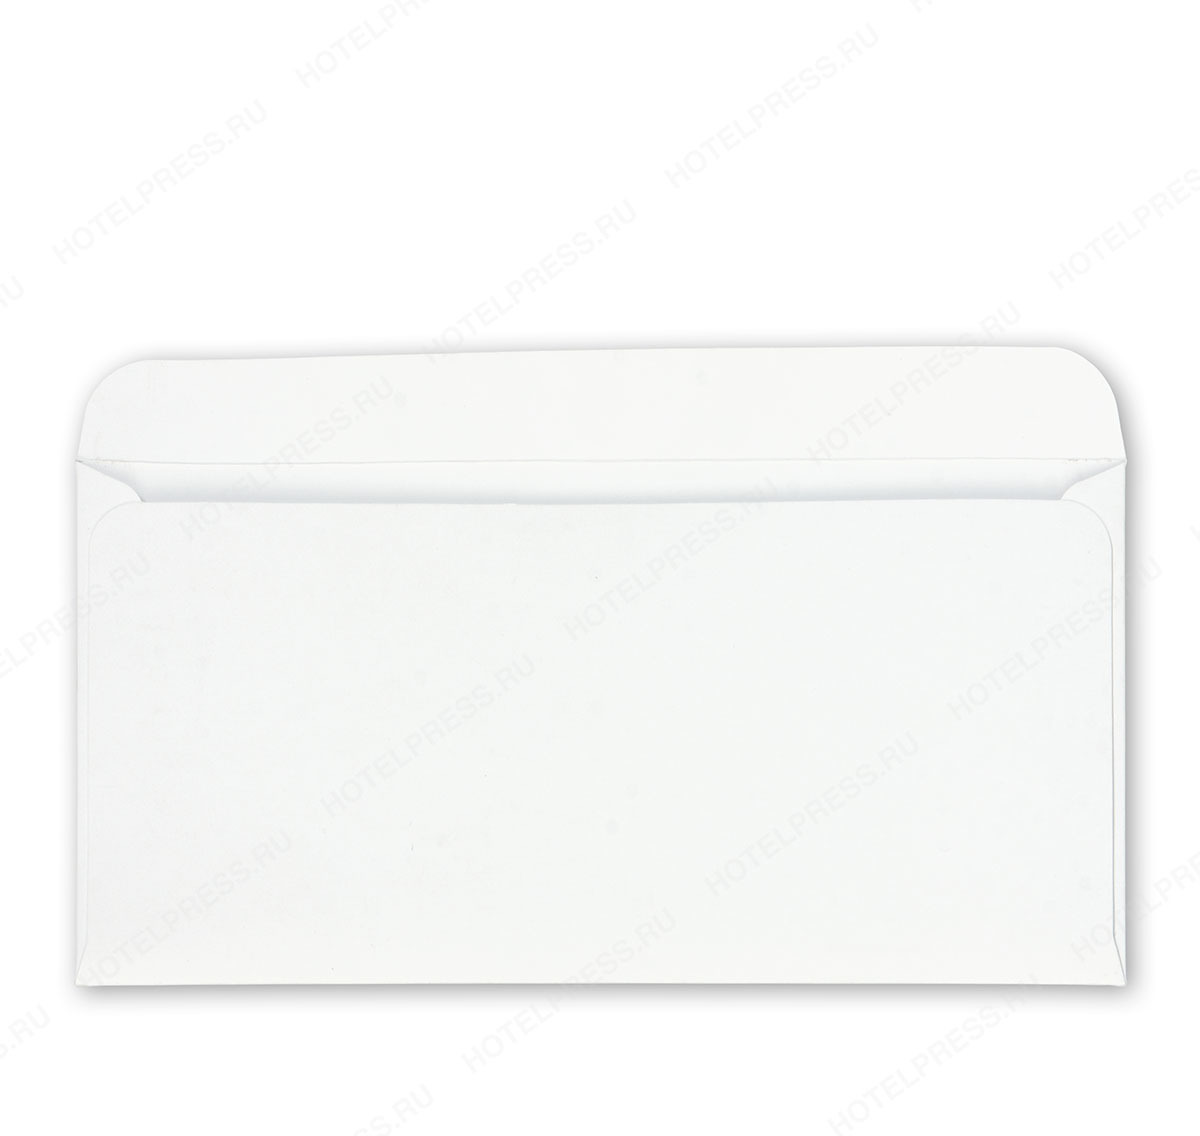 Фирменный дизайнерский конверт с полноцветной печатью